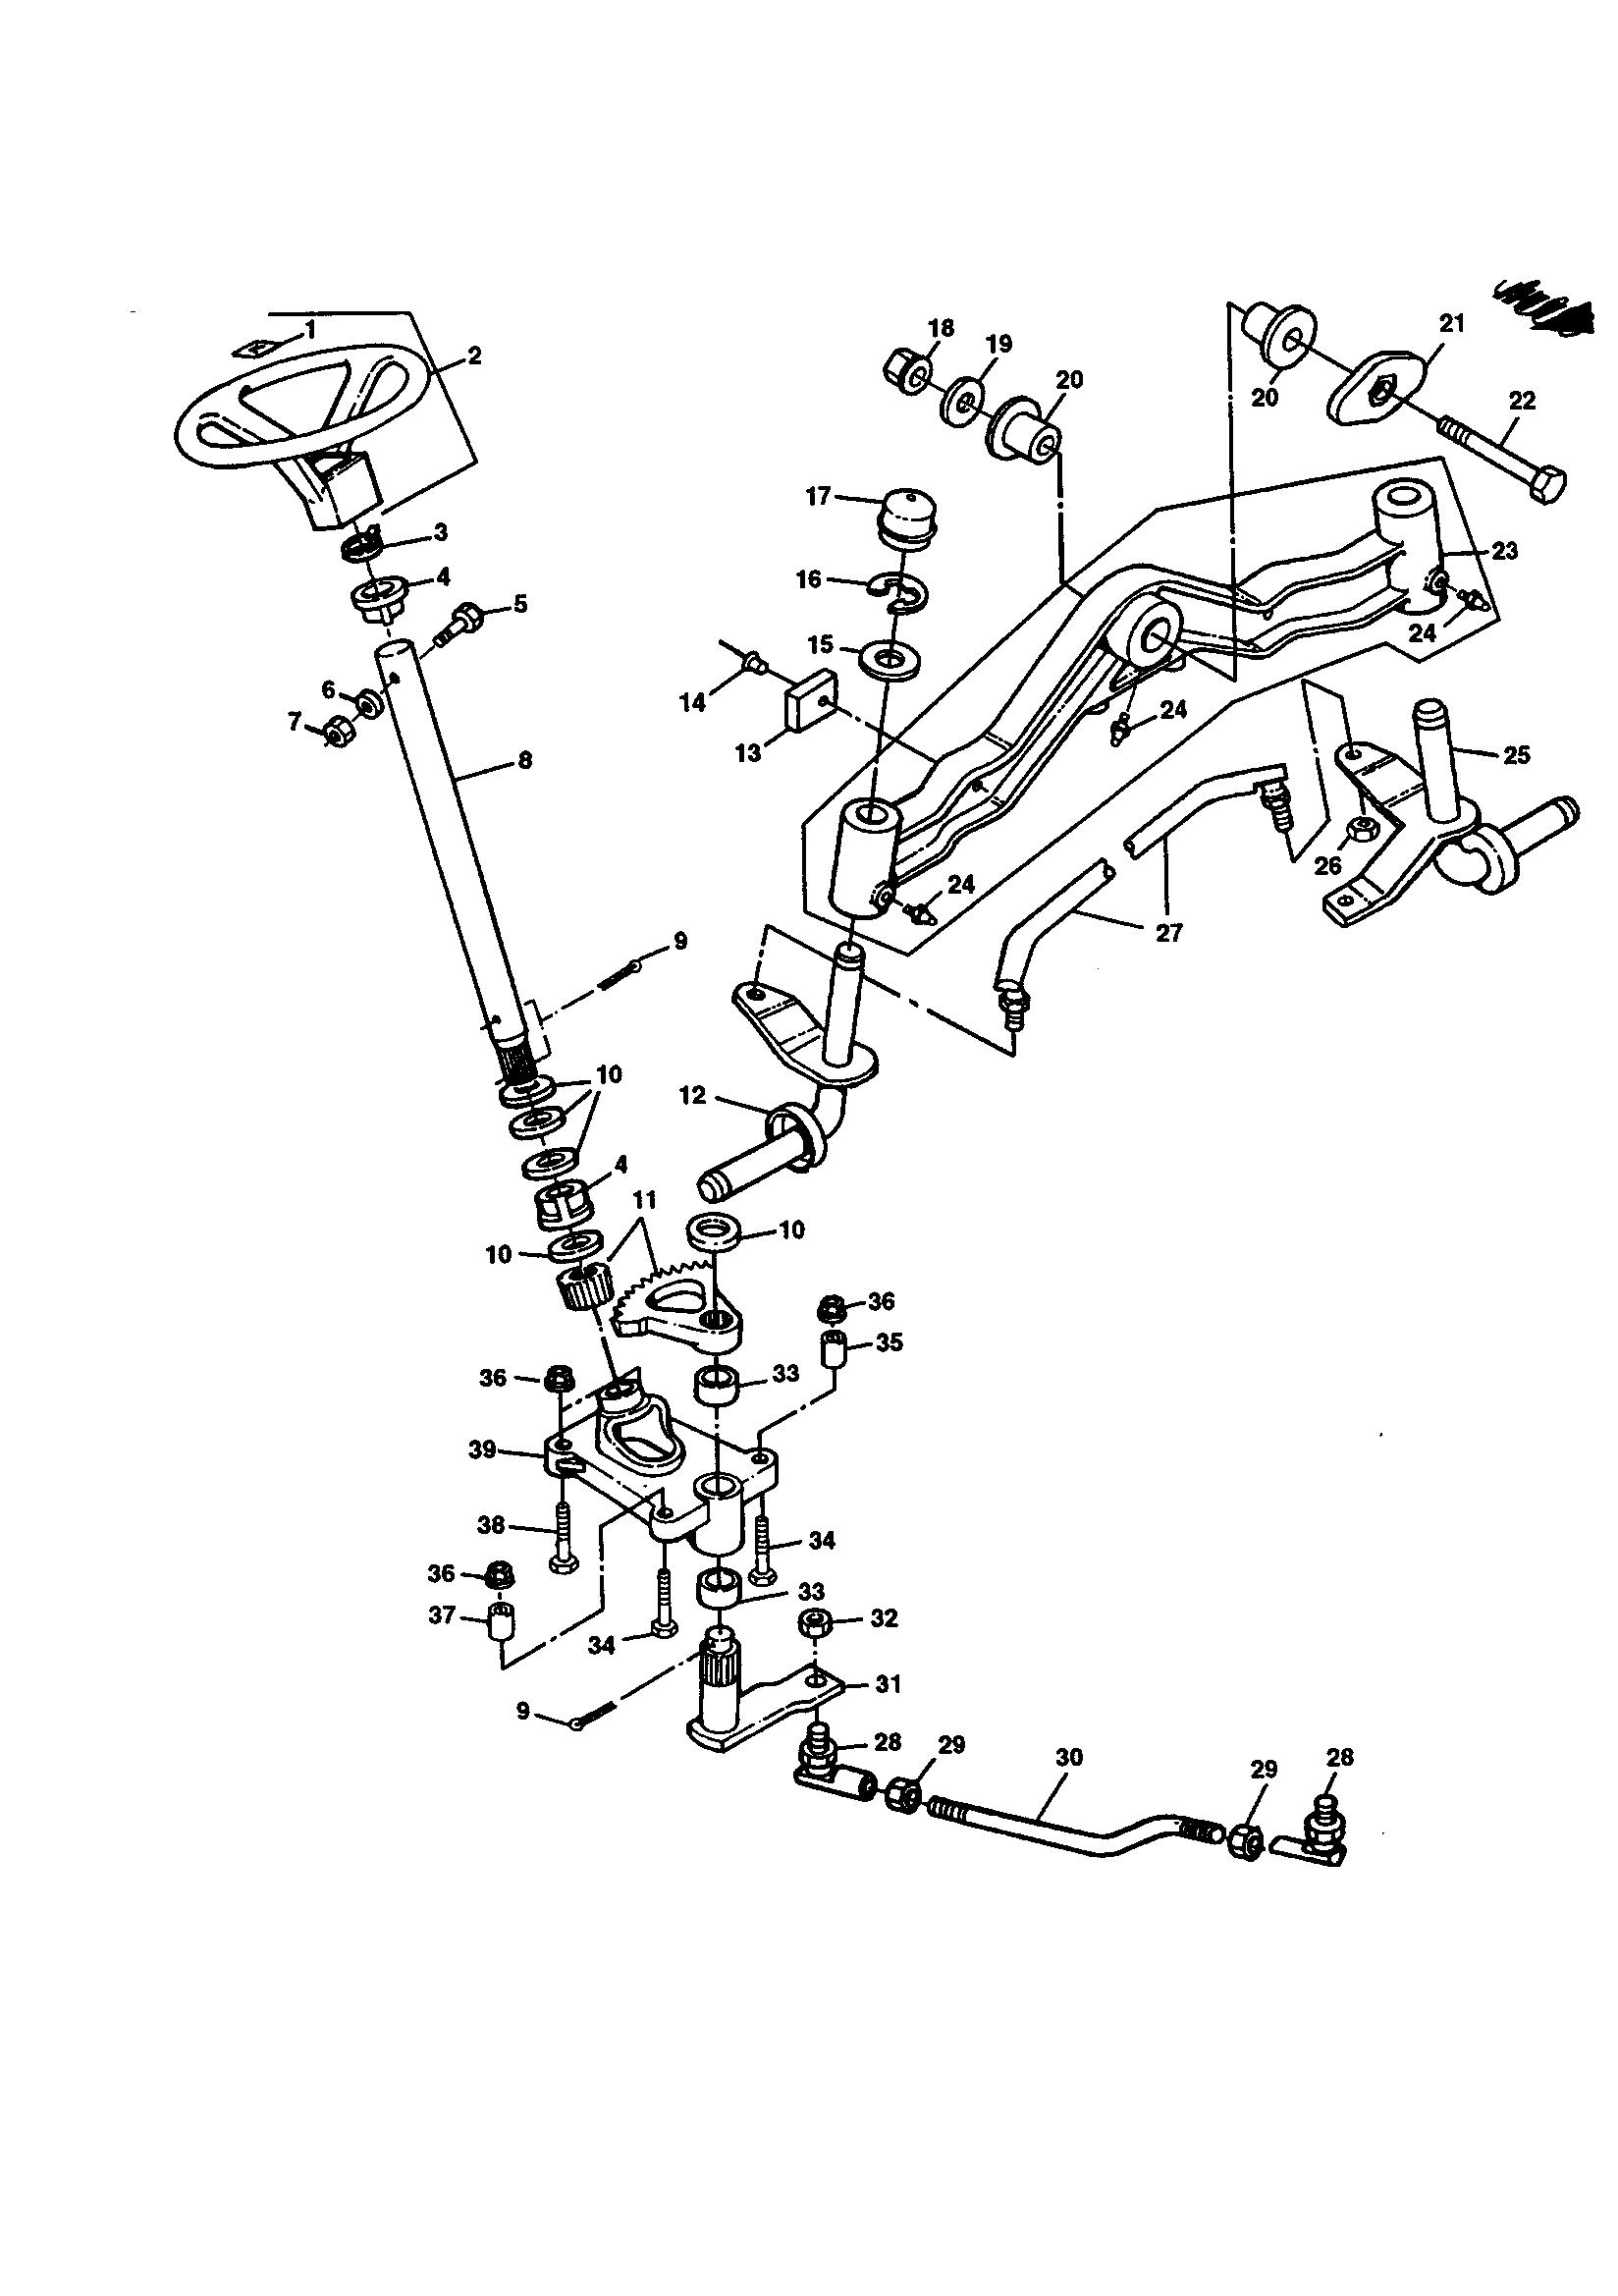 parts manual for john deere lt155